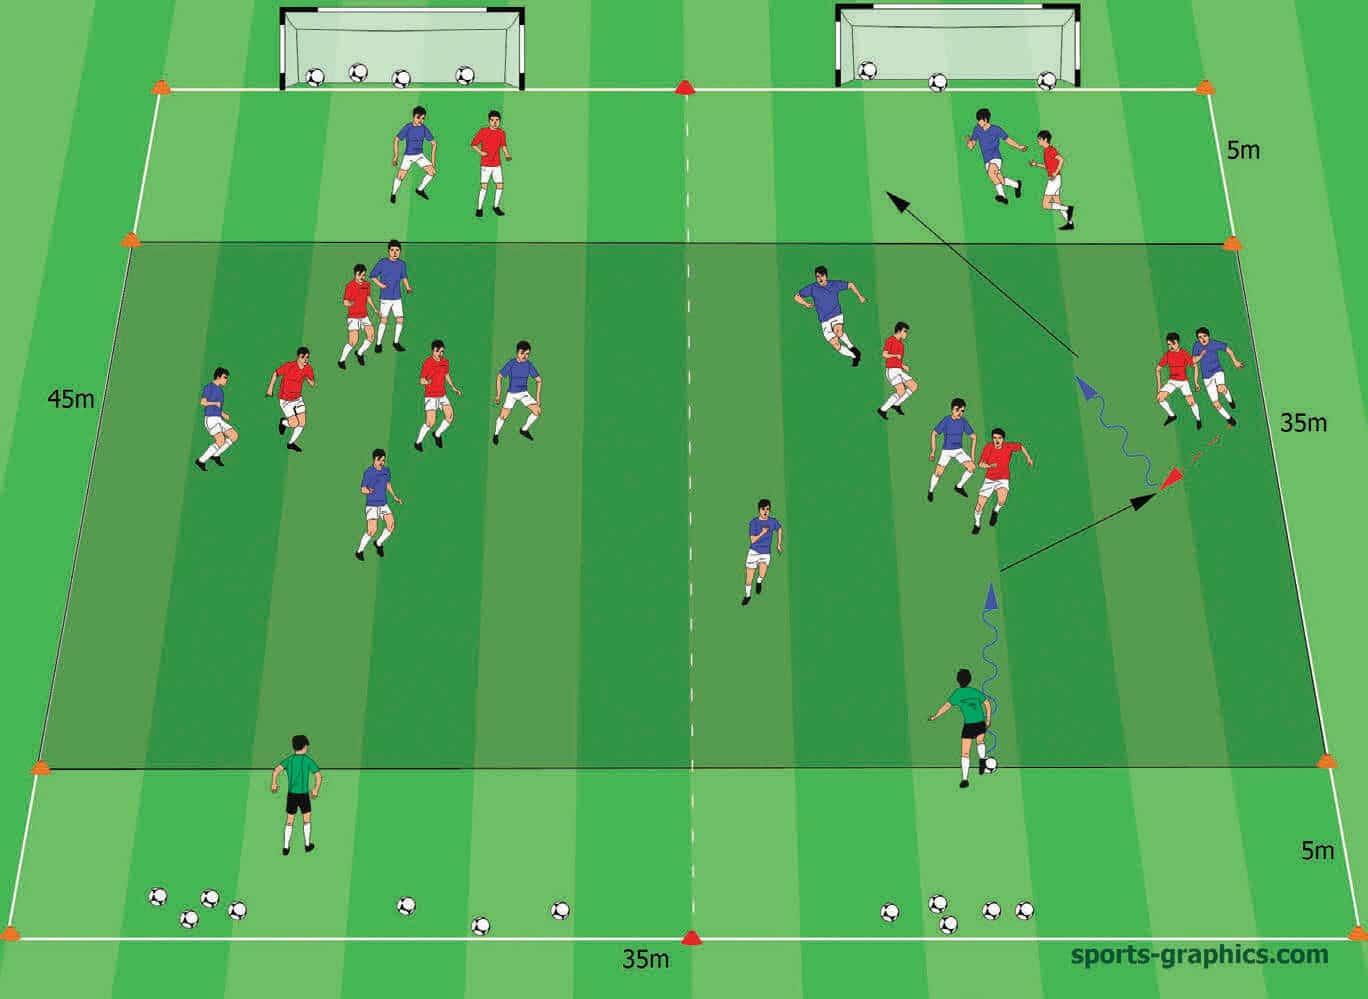 Positionsspiel 2 x 4-gegen-3 plus neutrale Spieler auf Midi-Tore